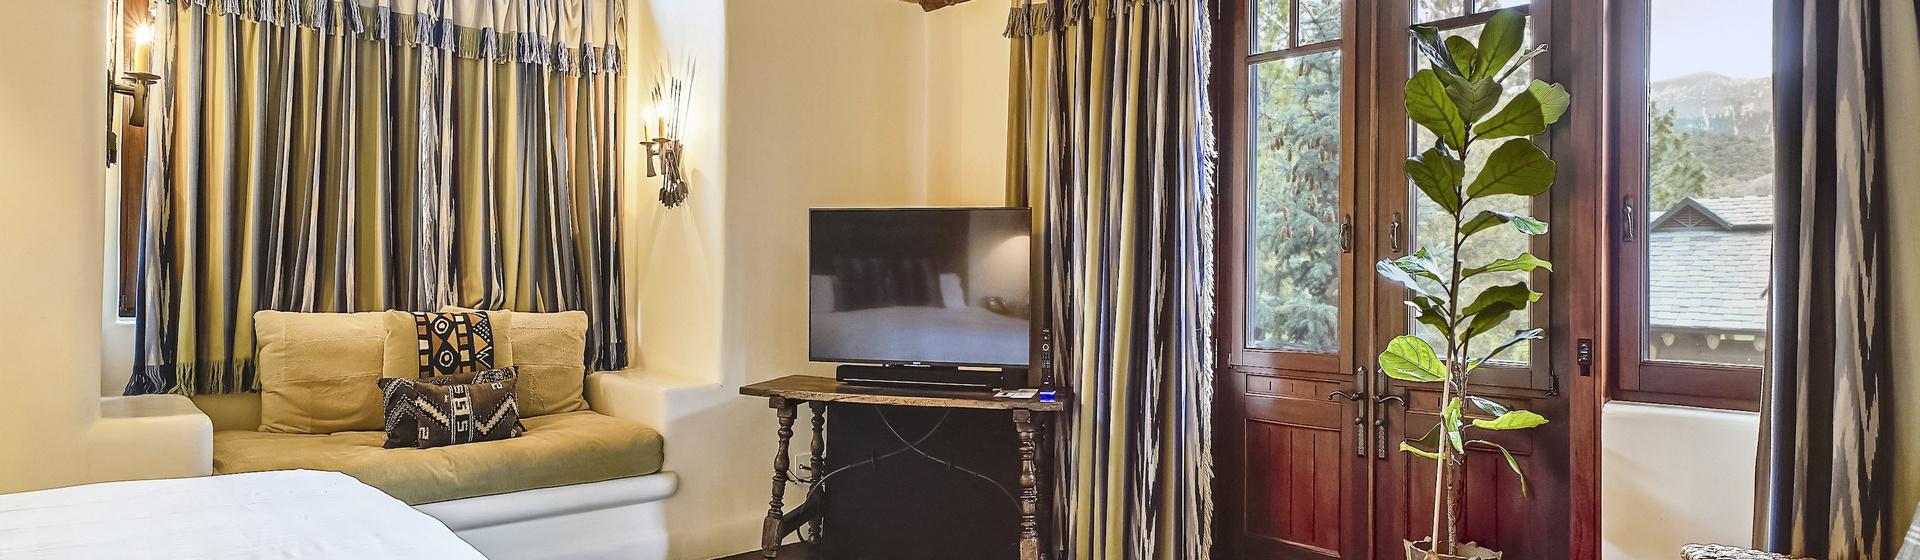 8.5-Telluride-Sleeping-Indian-Ranch-Southwest-Suite-Master-Bedroom-G-web.JPG